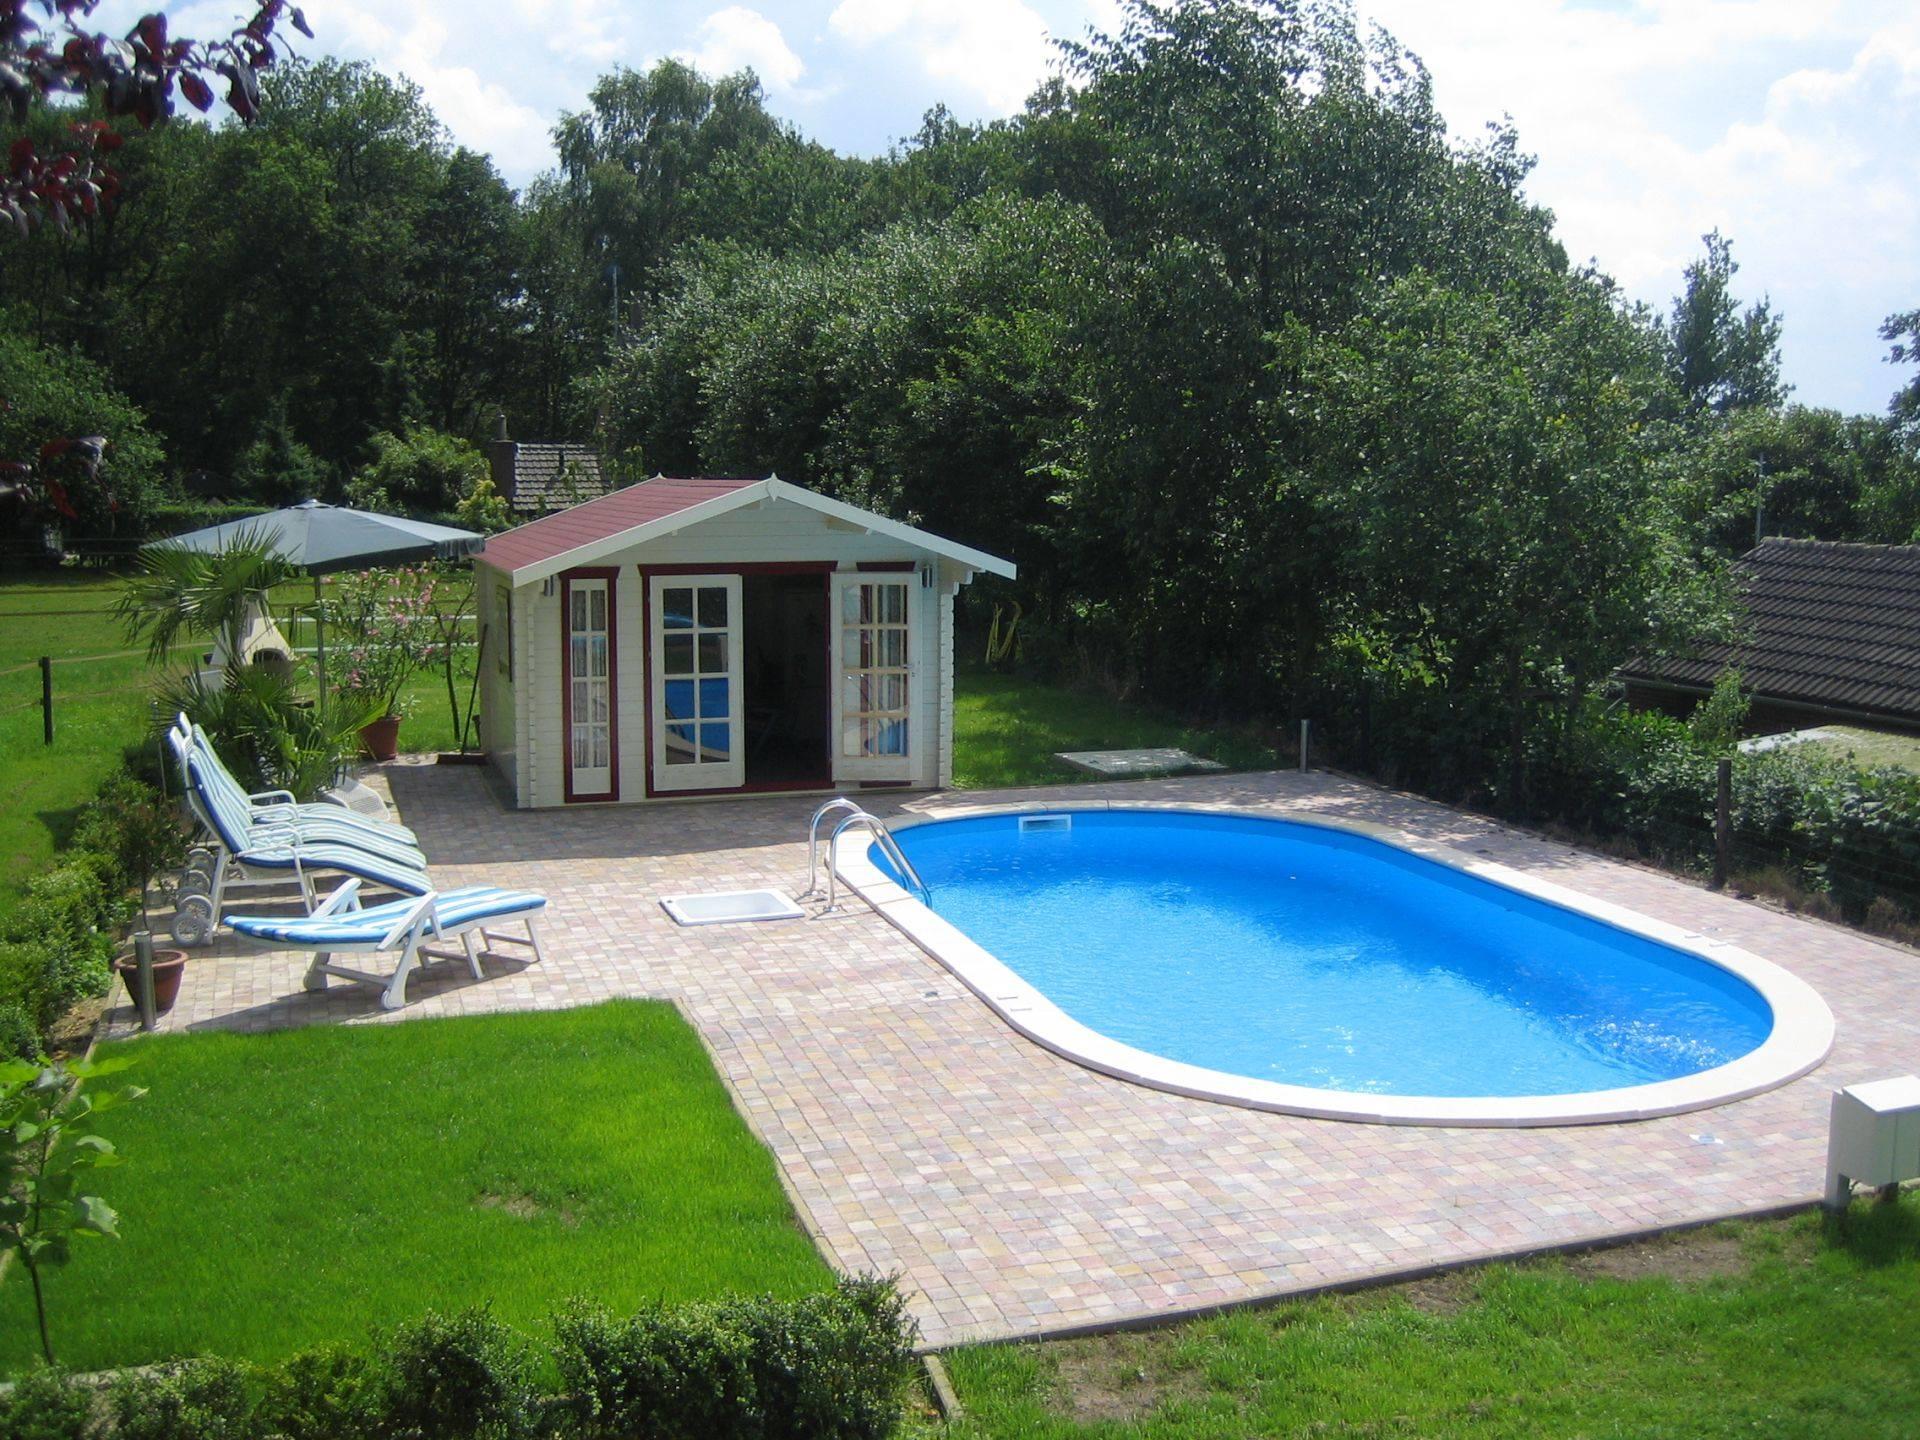 Haus garten schwimmbad sauna in aschaffenburg infobel deutschland for Seligenstadt schwimmbad